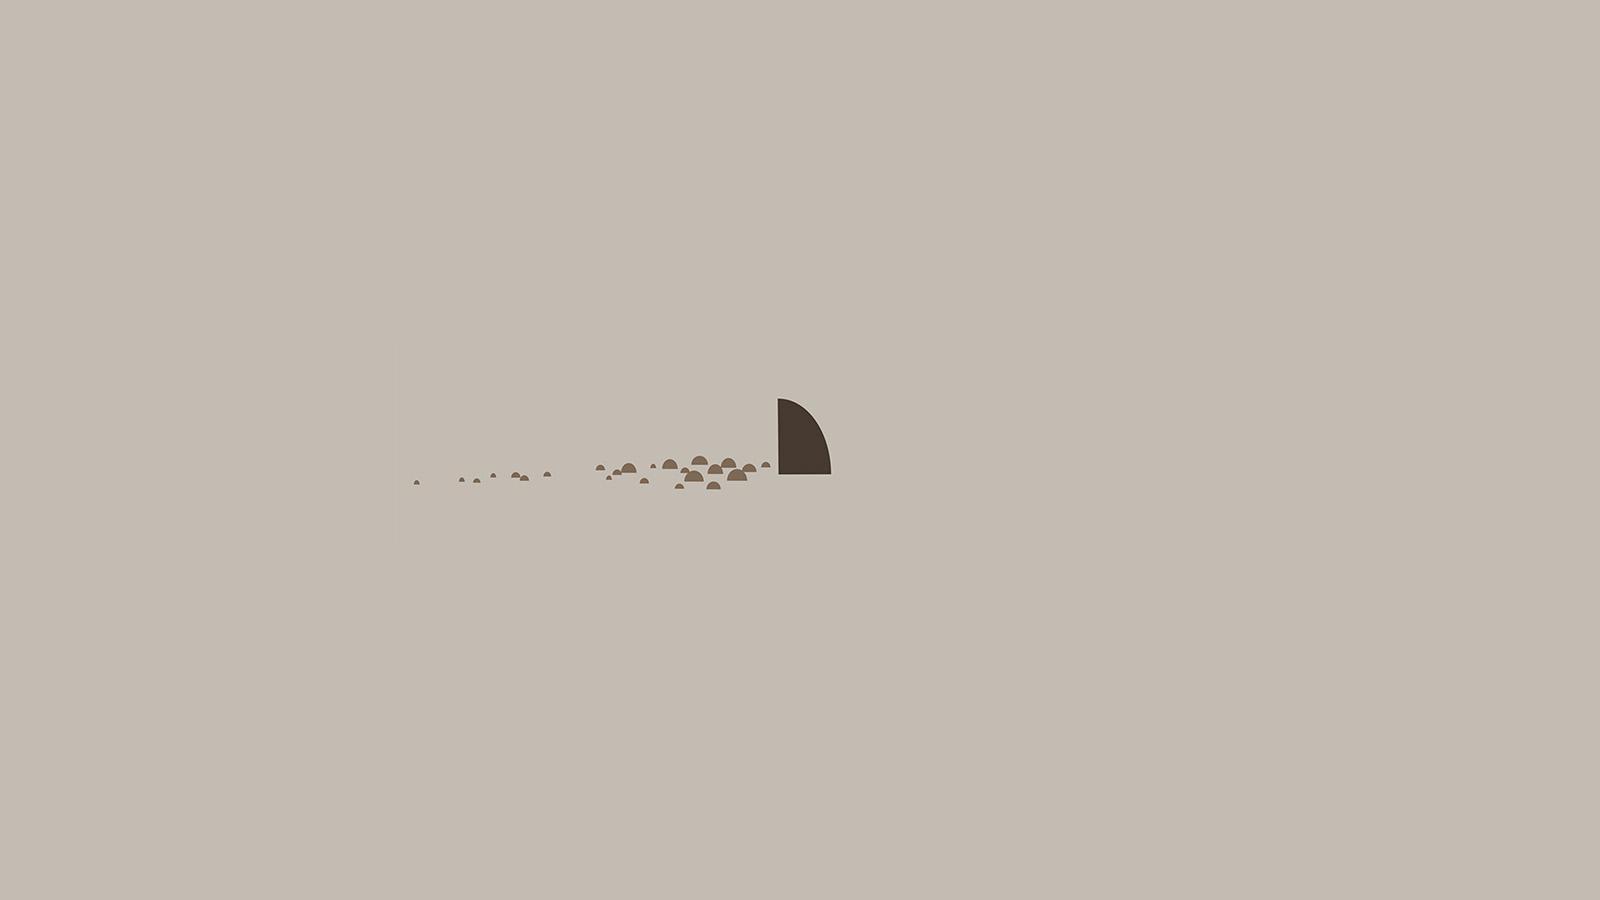 Cute Fall Wallpaper Backgrounds An33 Minimal Simple Shark Sea Illust Art Cute Wallpaper